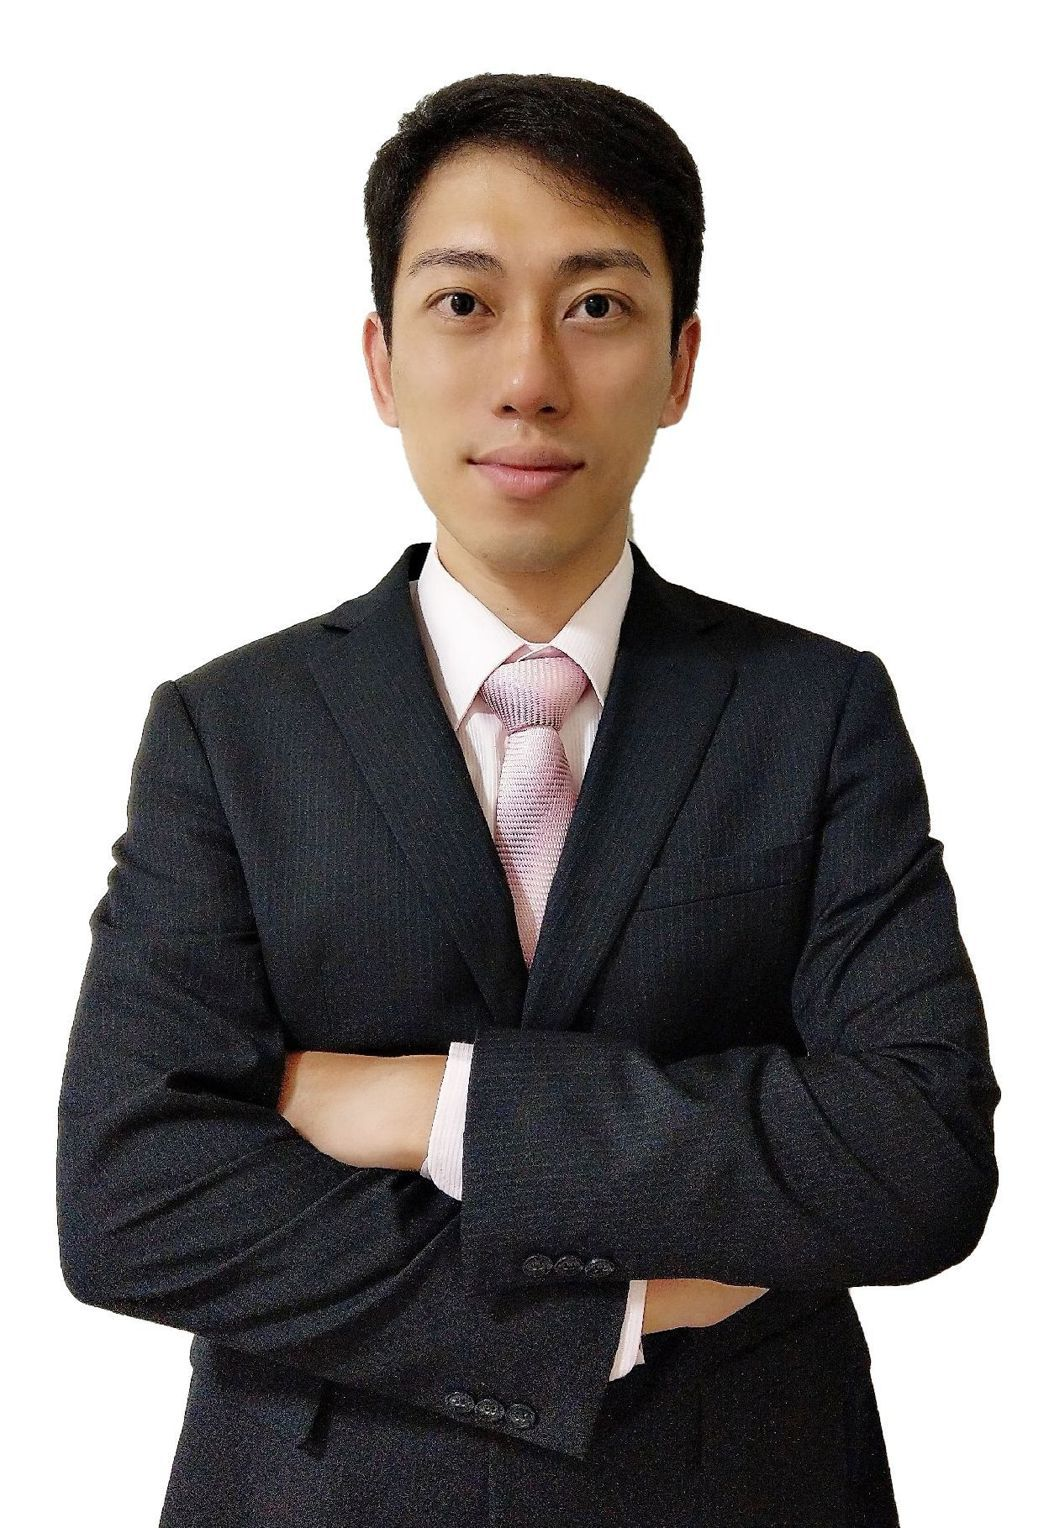 鎰海操盤學院執行長陳昆仁 圖/陳昆仁提供